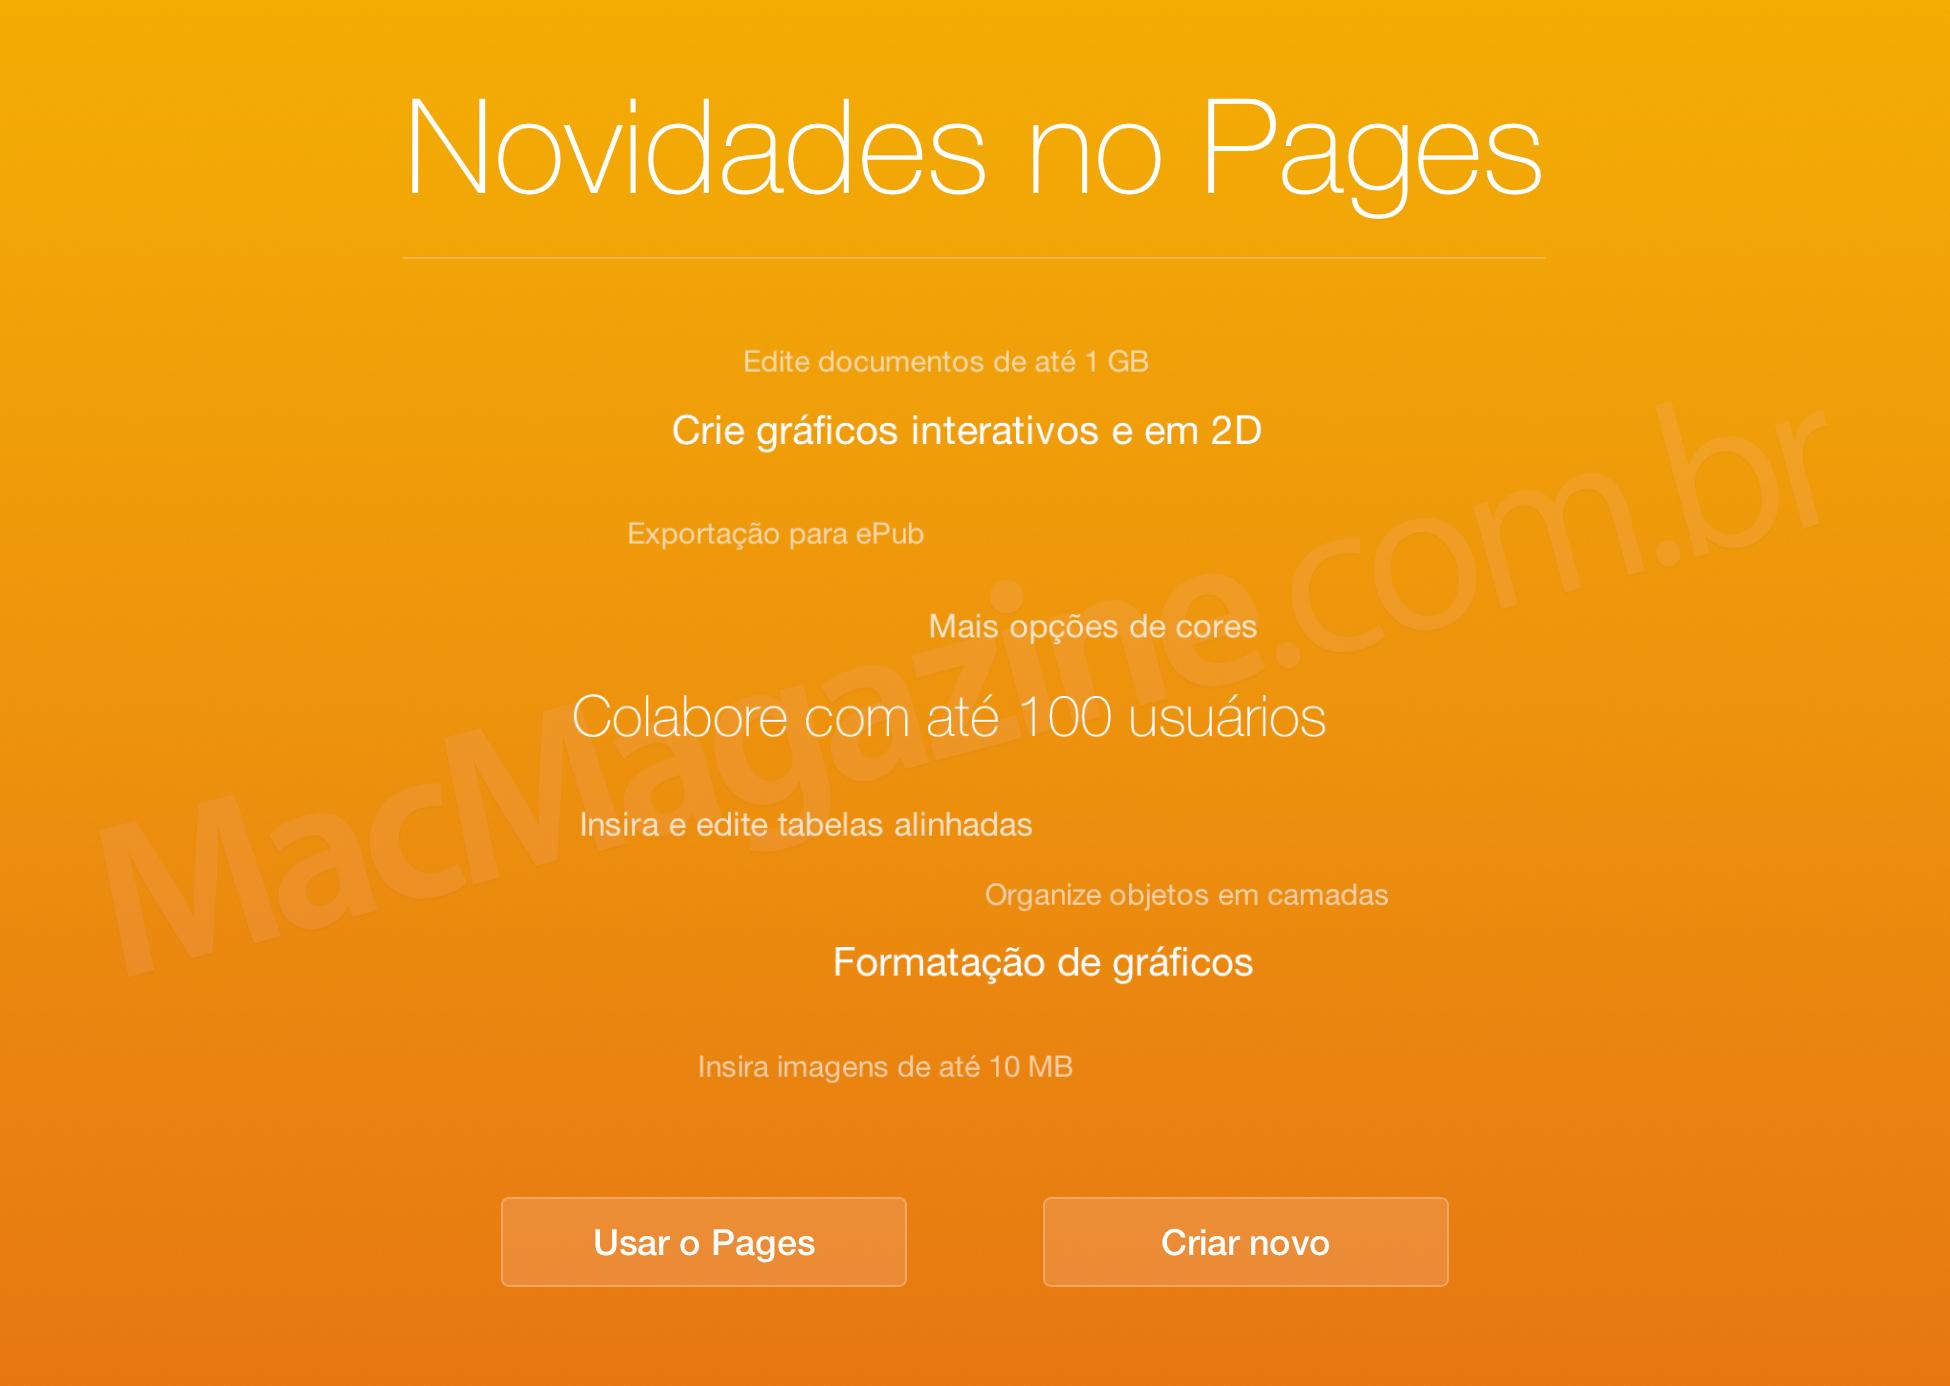 Novidades no iWork para iCloud.com